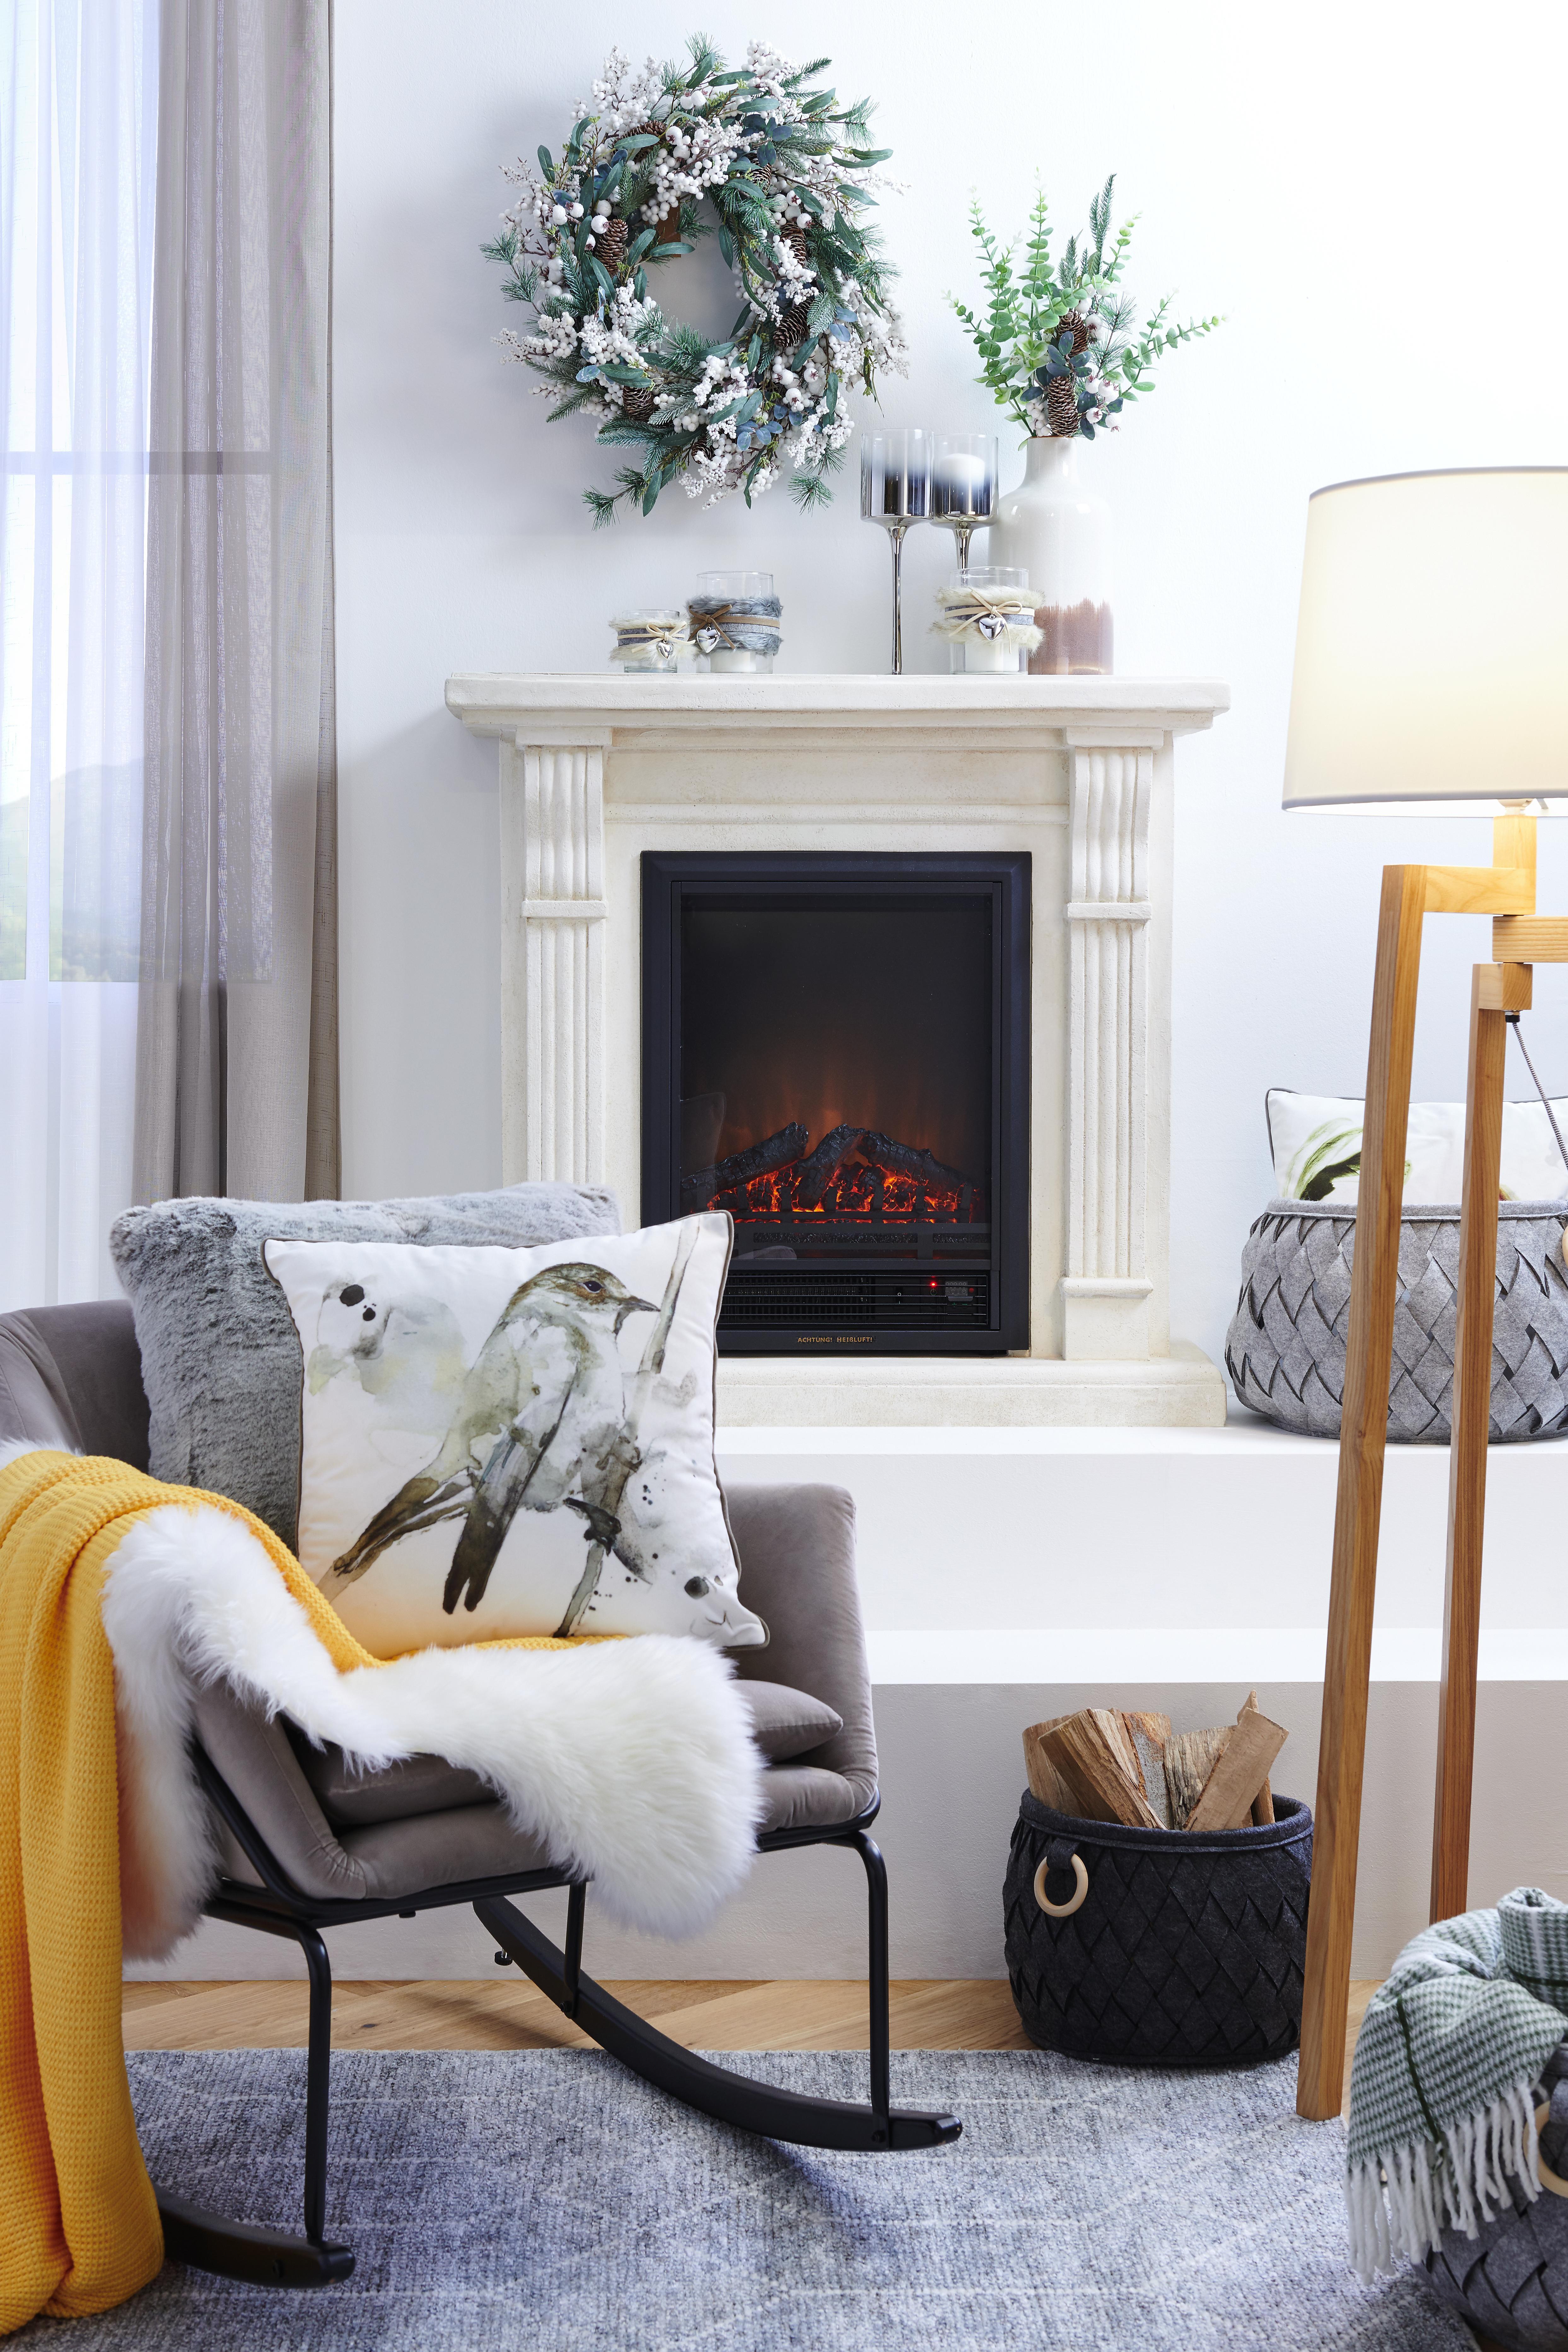 Design Hangesessel Wohnzimmer - Home Decor Wallpaper